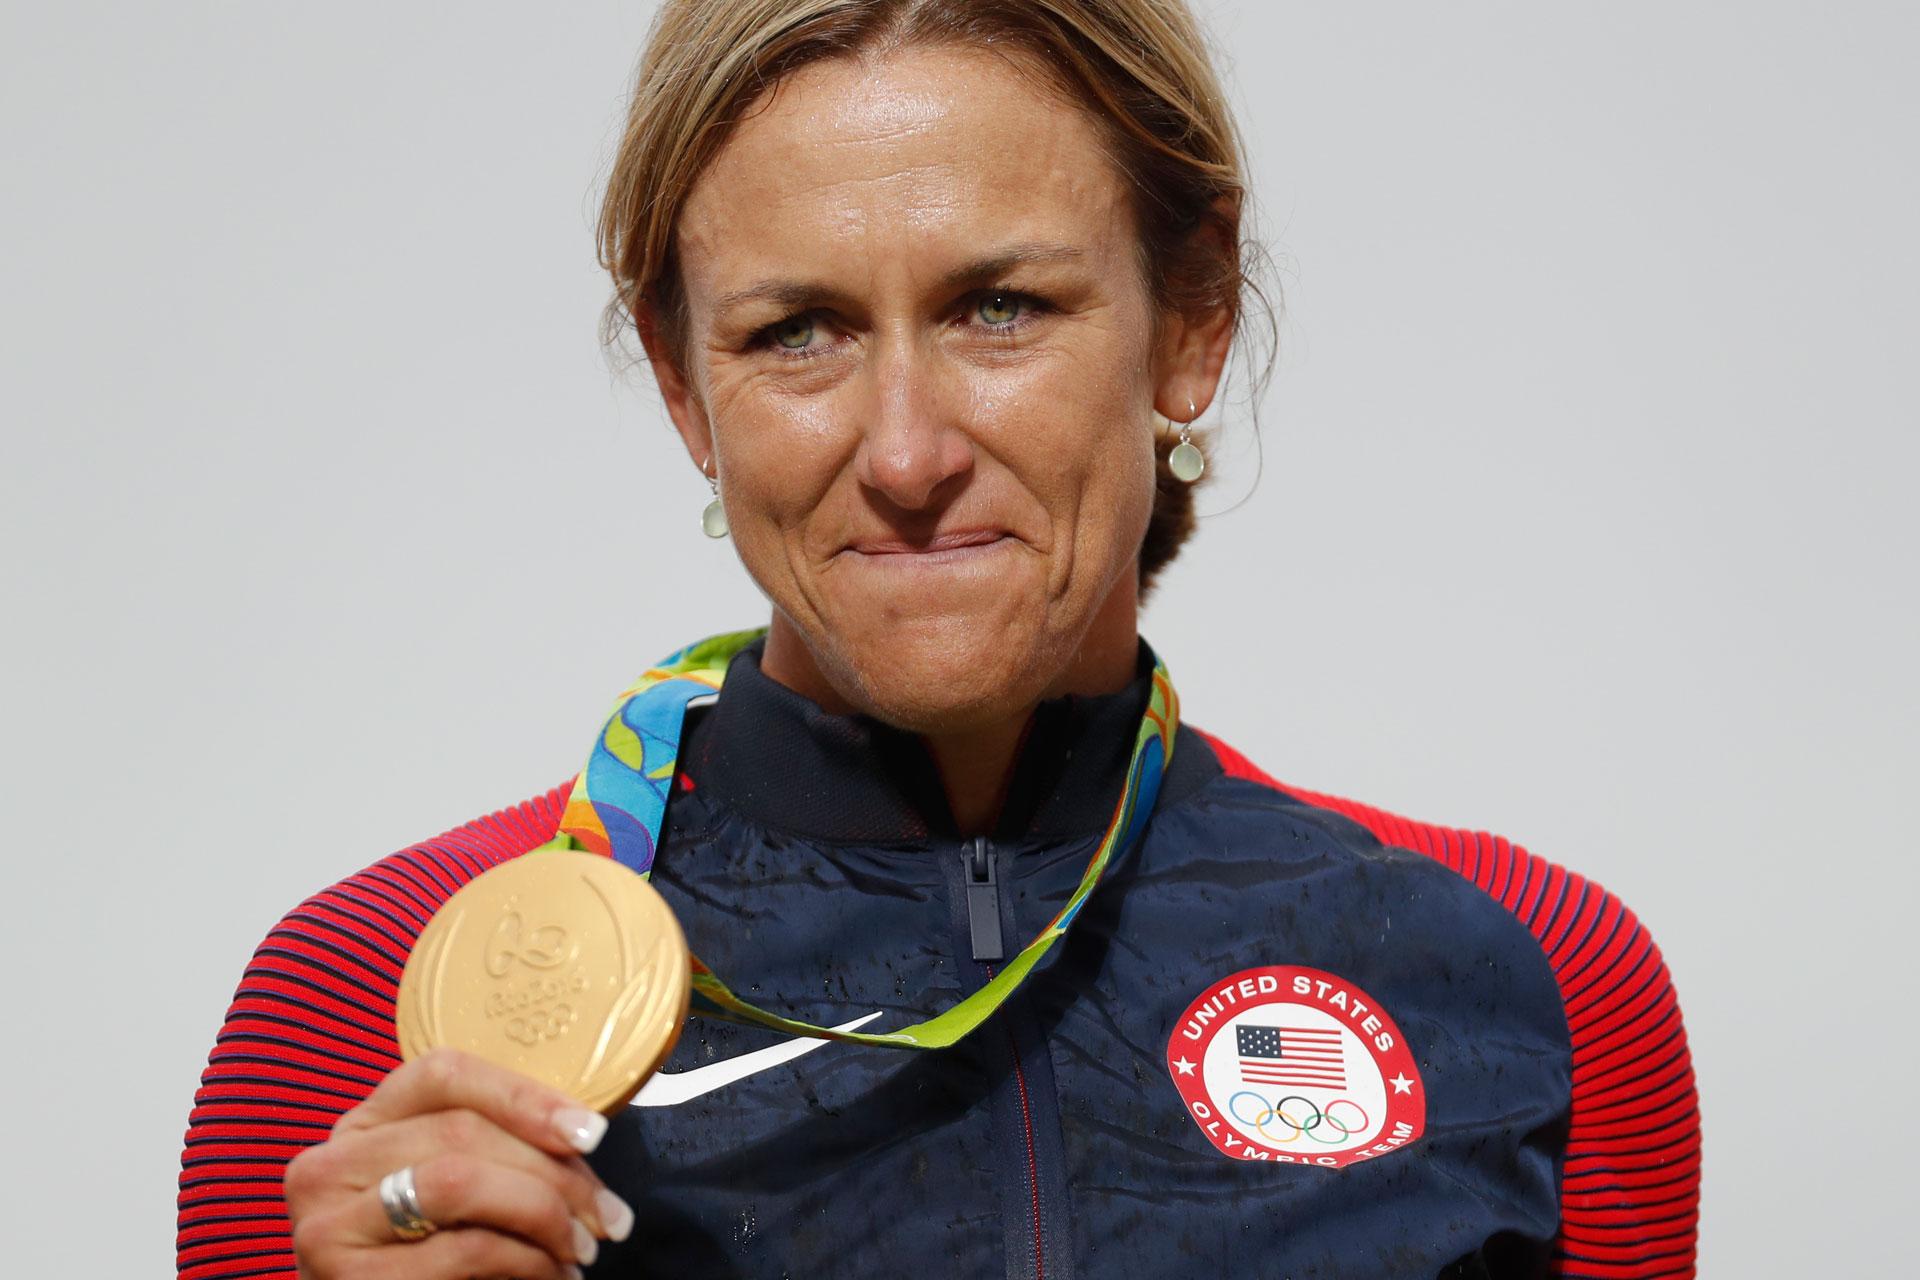 La ciclista estadounidense Kristin Armstrong, a los 42 años, se convirtió en la mujer de más edad en ganar un oro olímpico en la contrarreloj individual en ruta (AP)